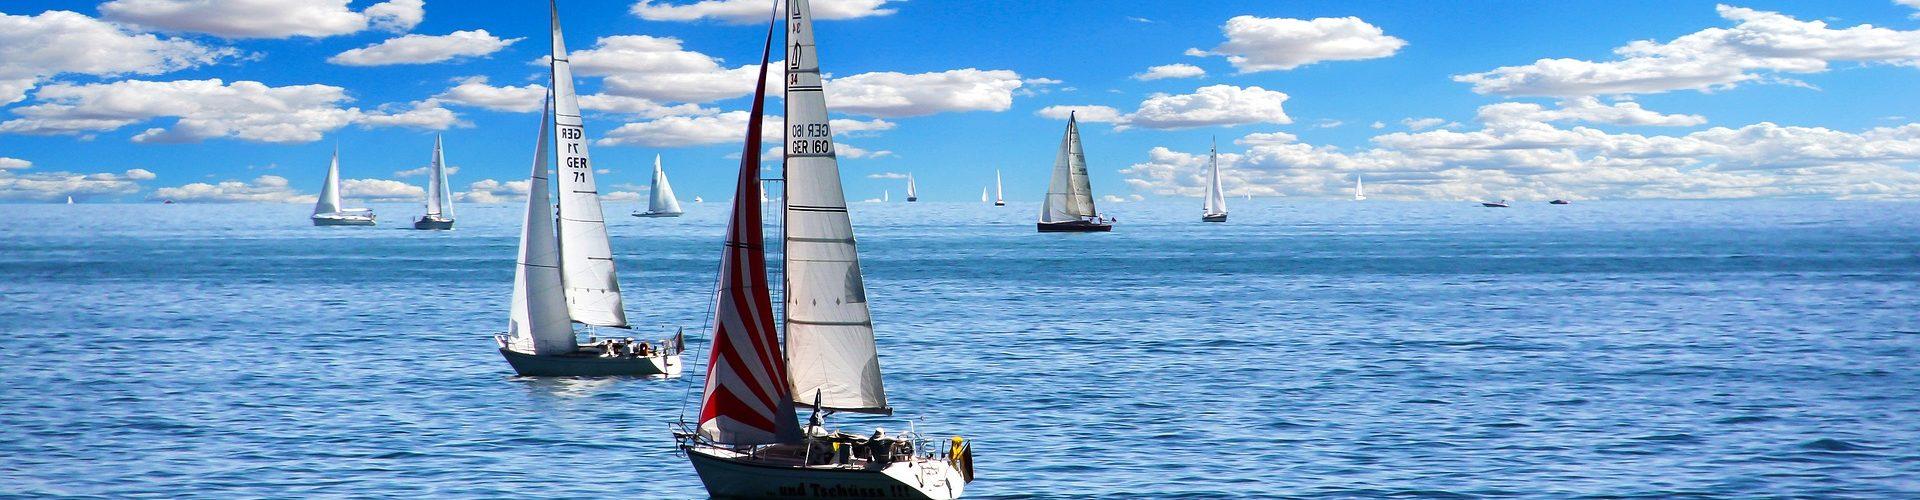 segeln lernen in Ingelheim am Rhein segelschein machen in Ingelheim am Rhein 1920x500 - Segeln lernen in Ingelheim am Rhein